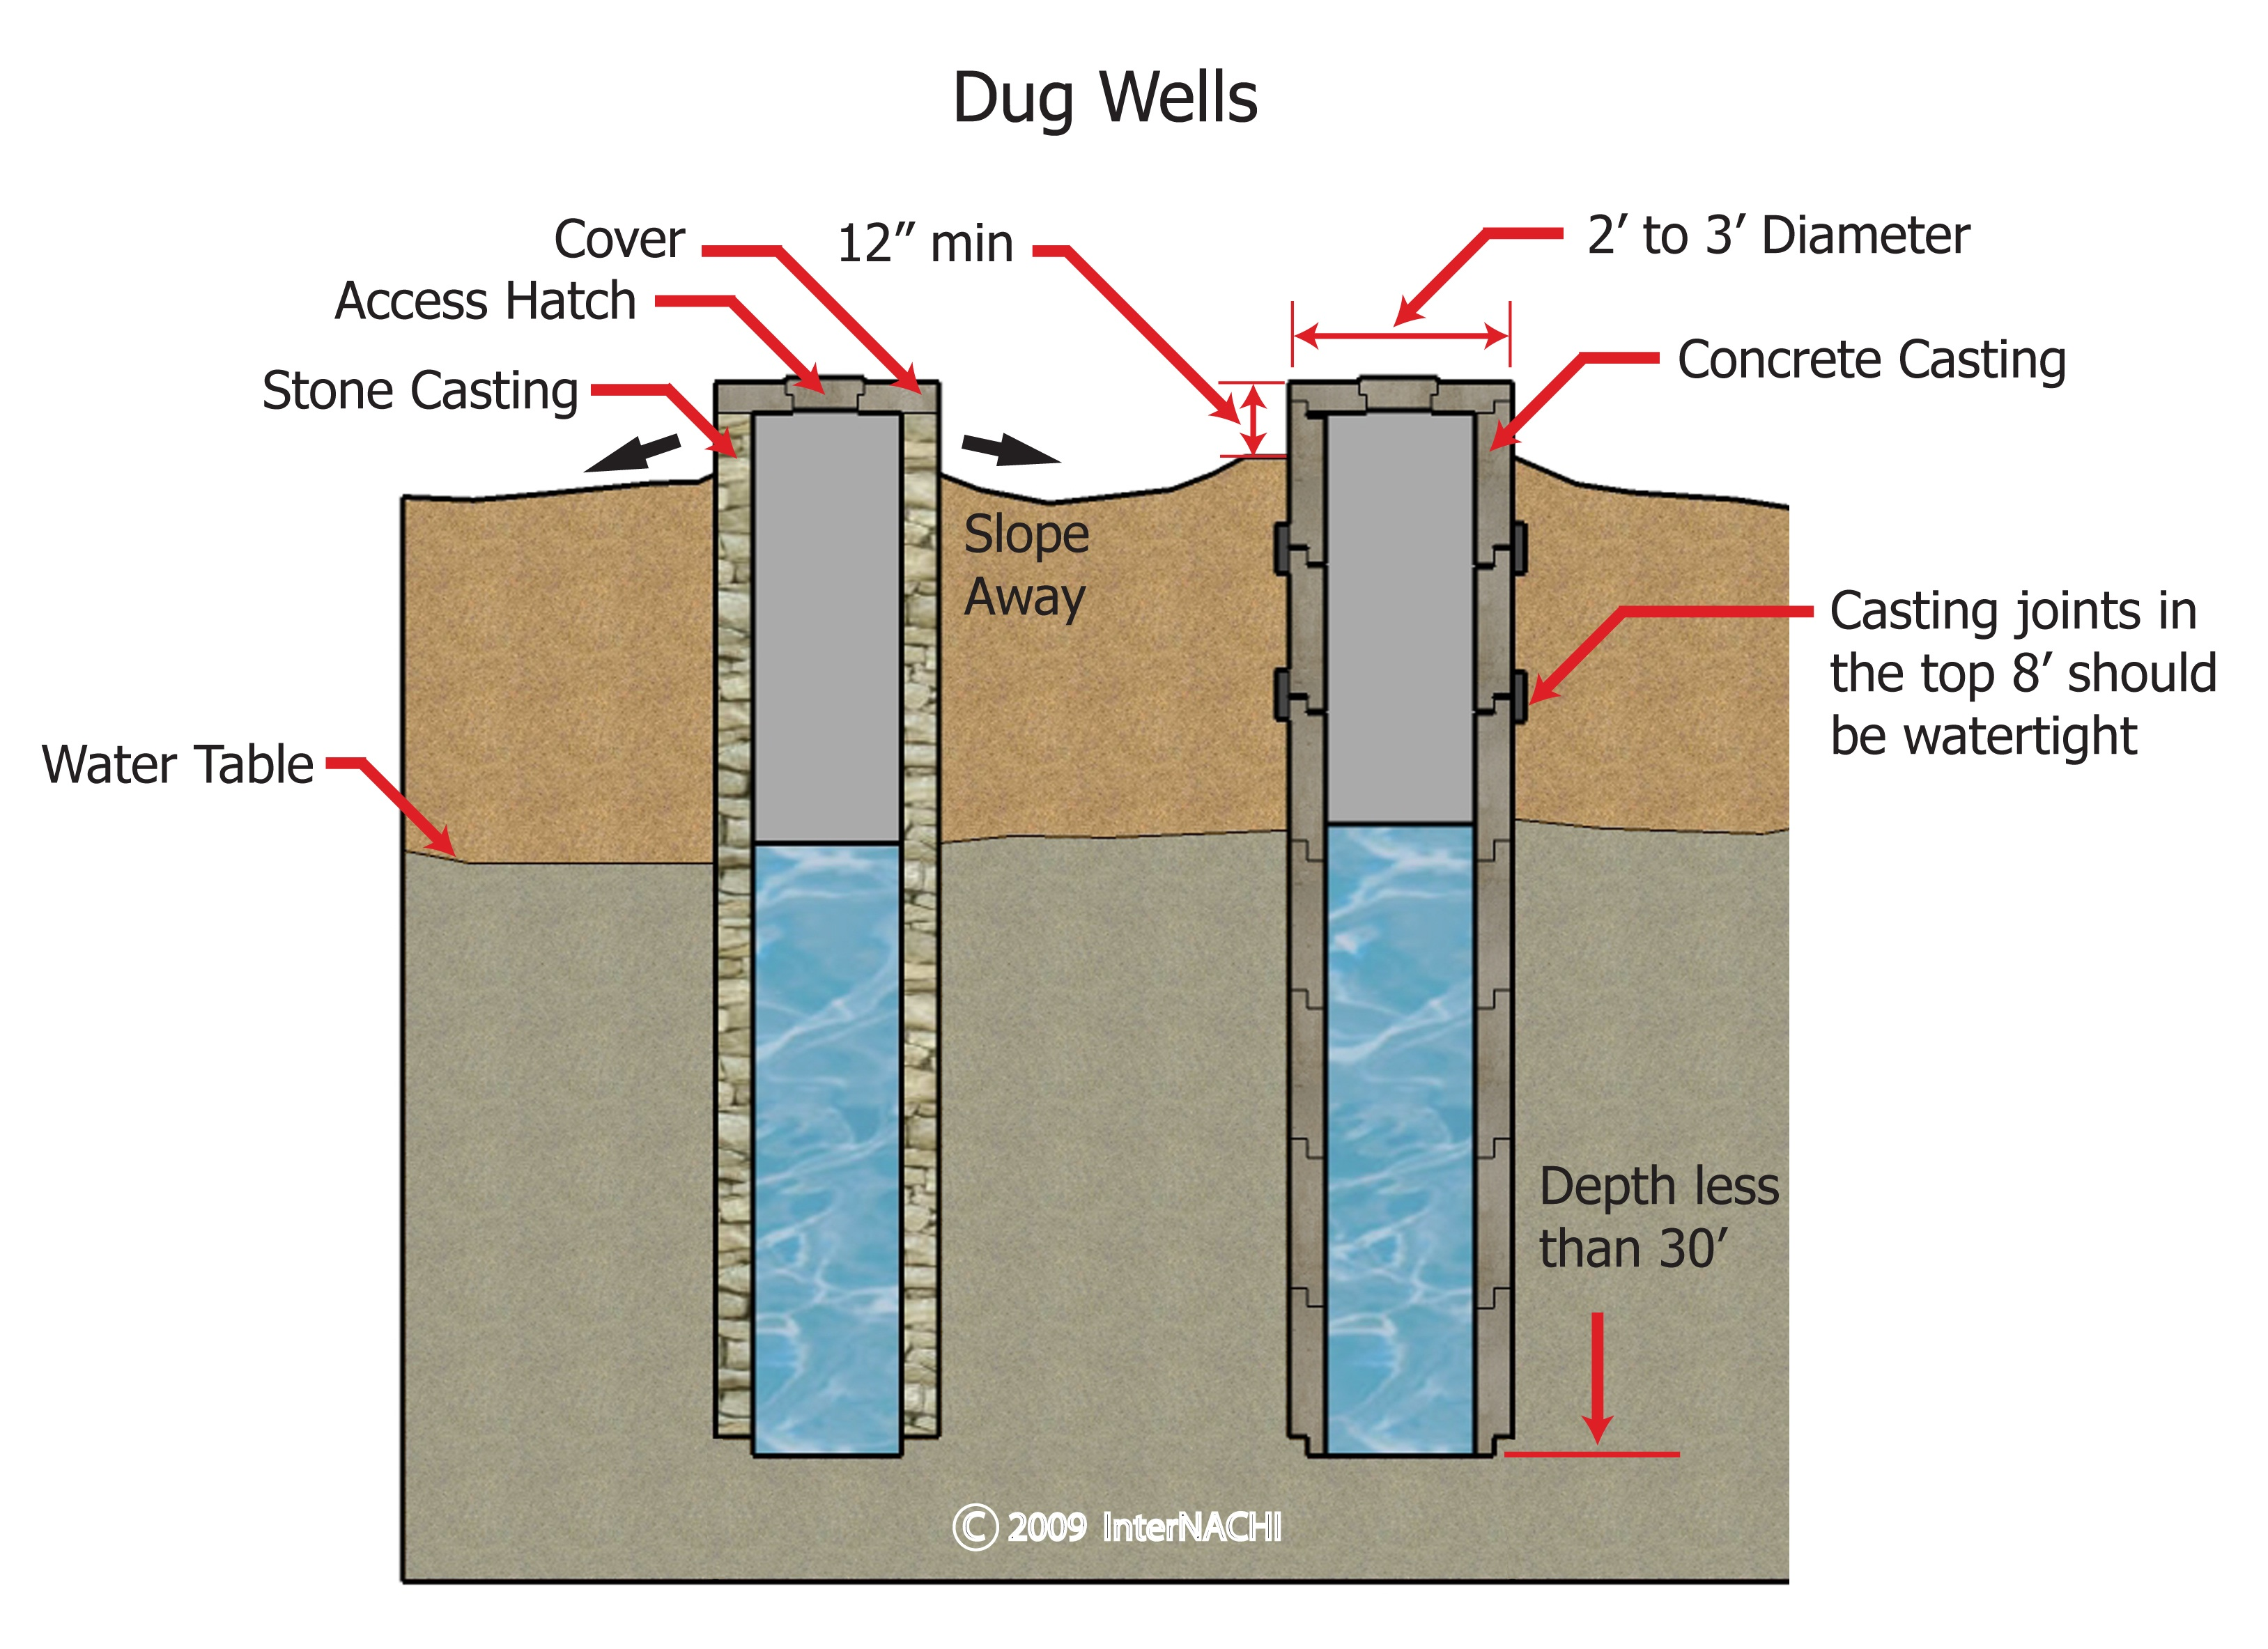 Dug wells.